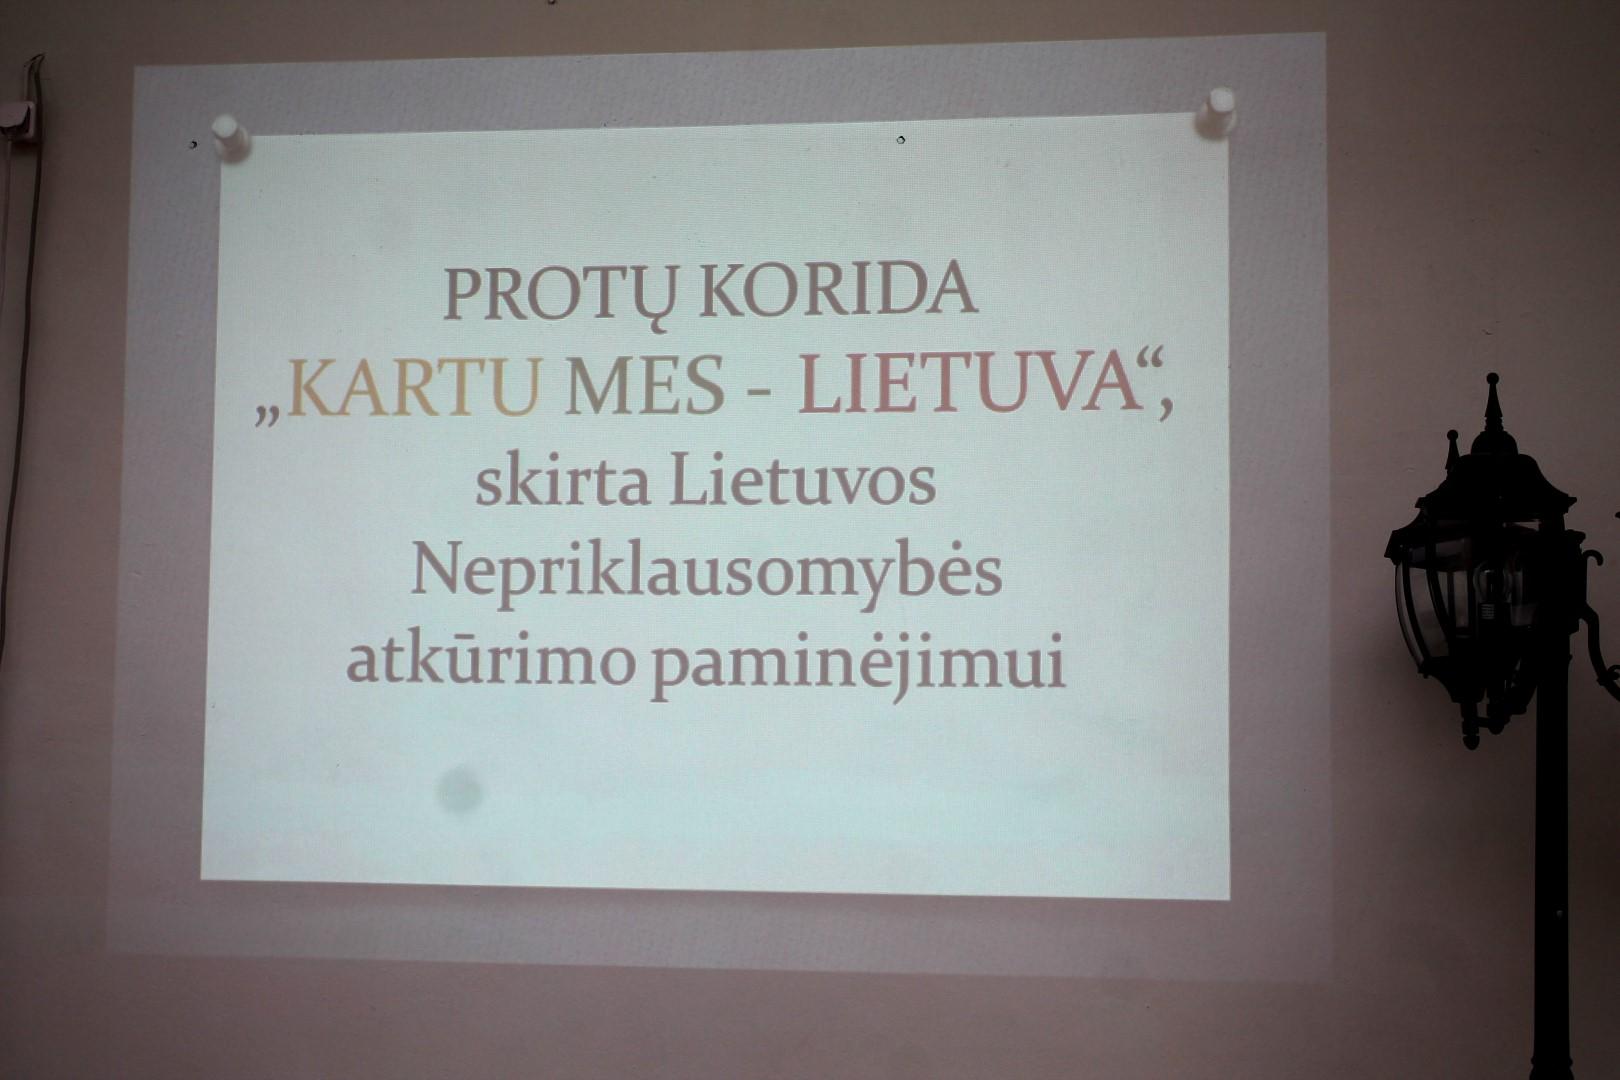 Kartu mes - Lietuva (1)